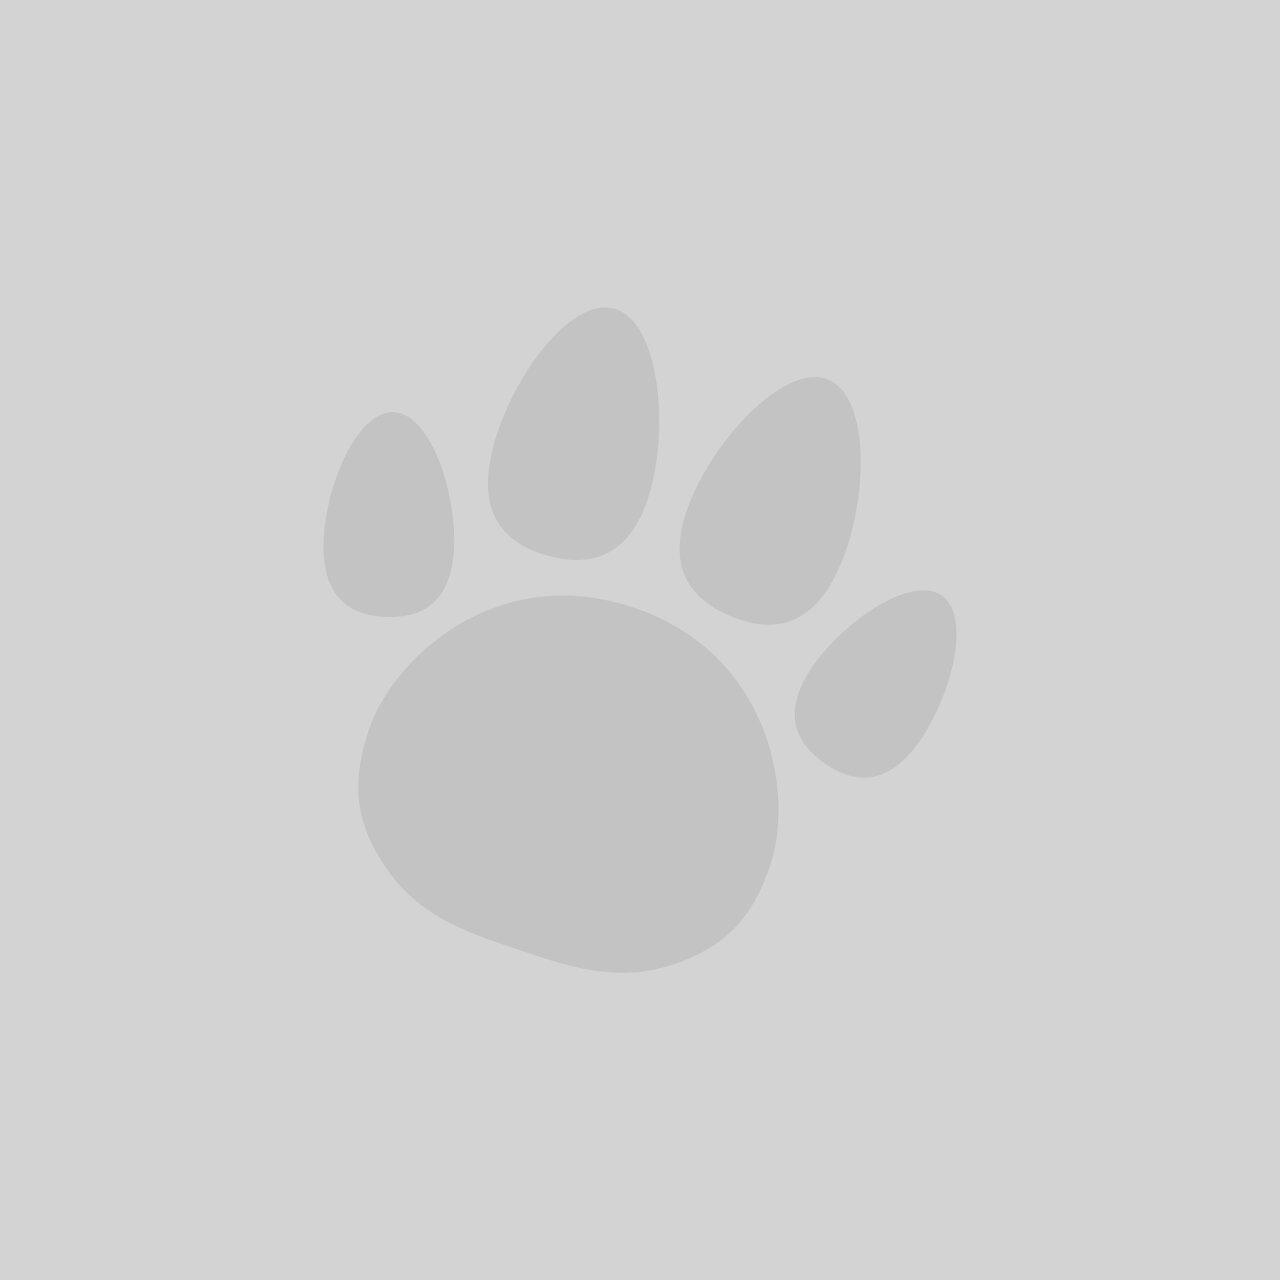 Rufus & Rosie Stainless Steel Bowl Black 940ml